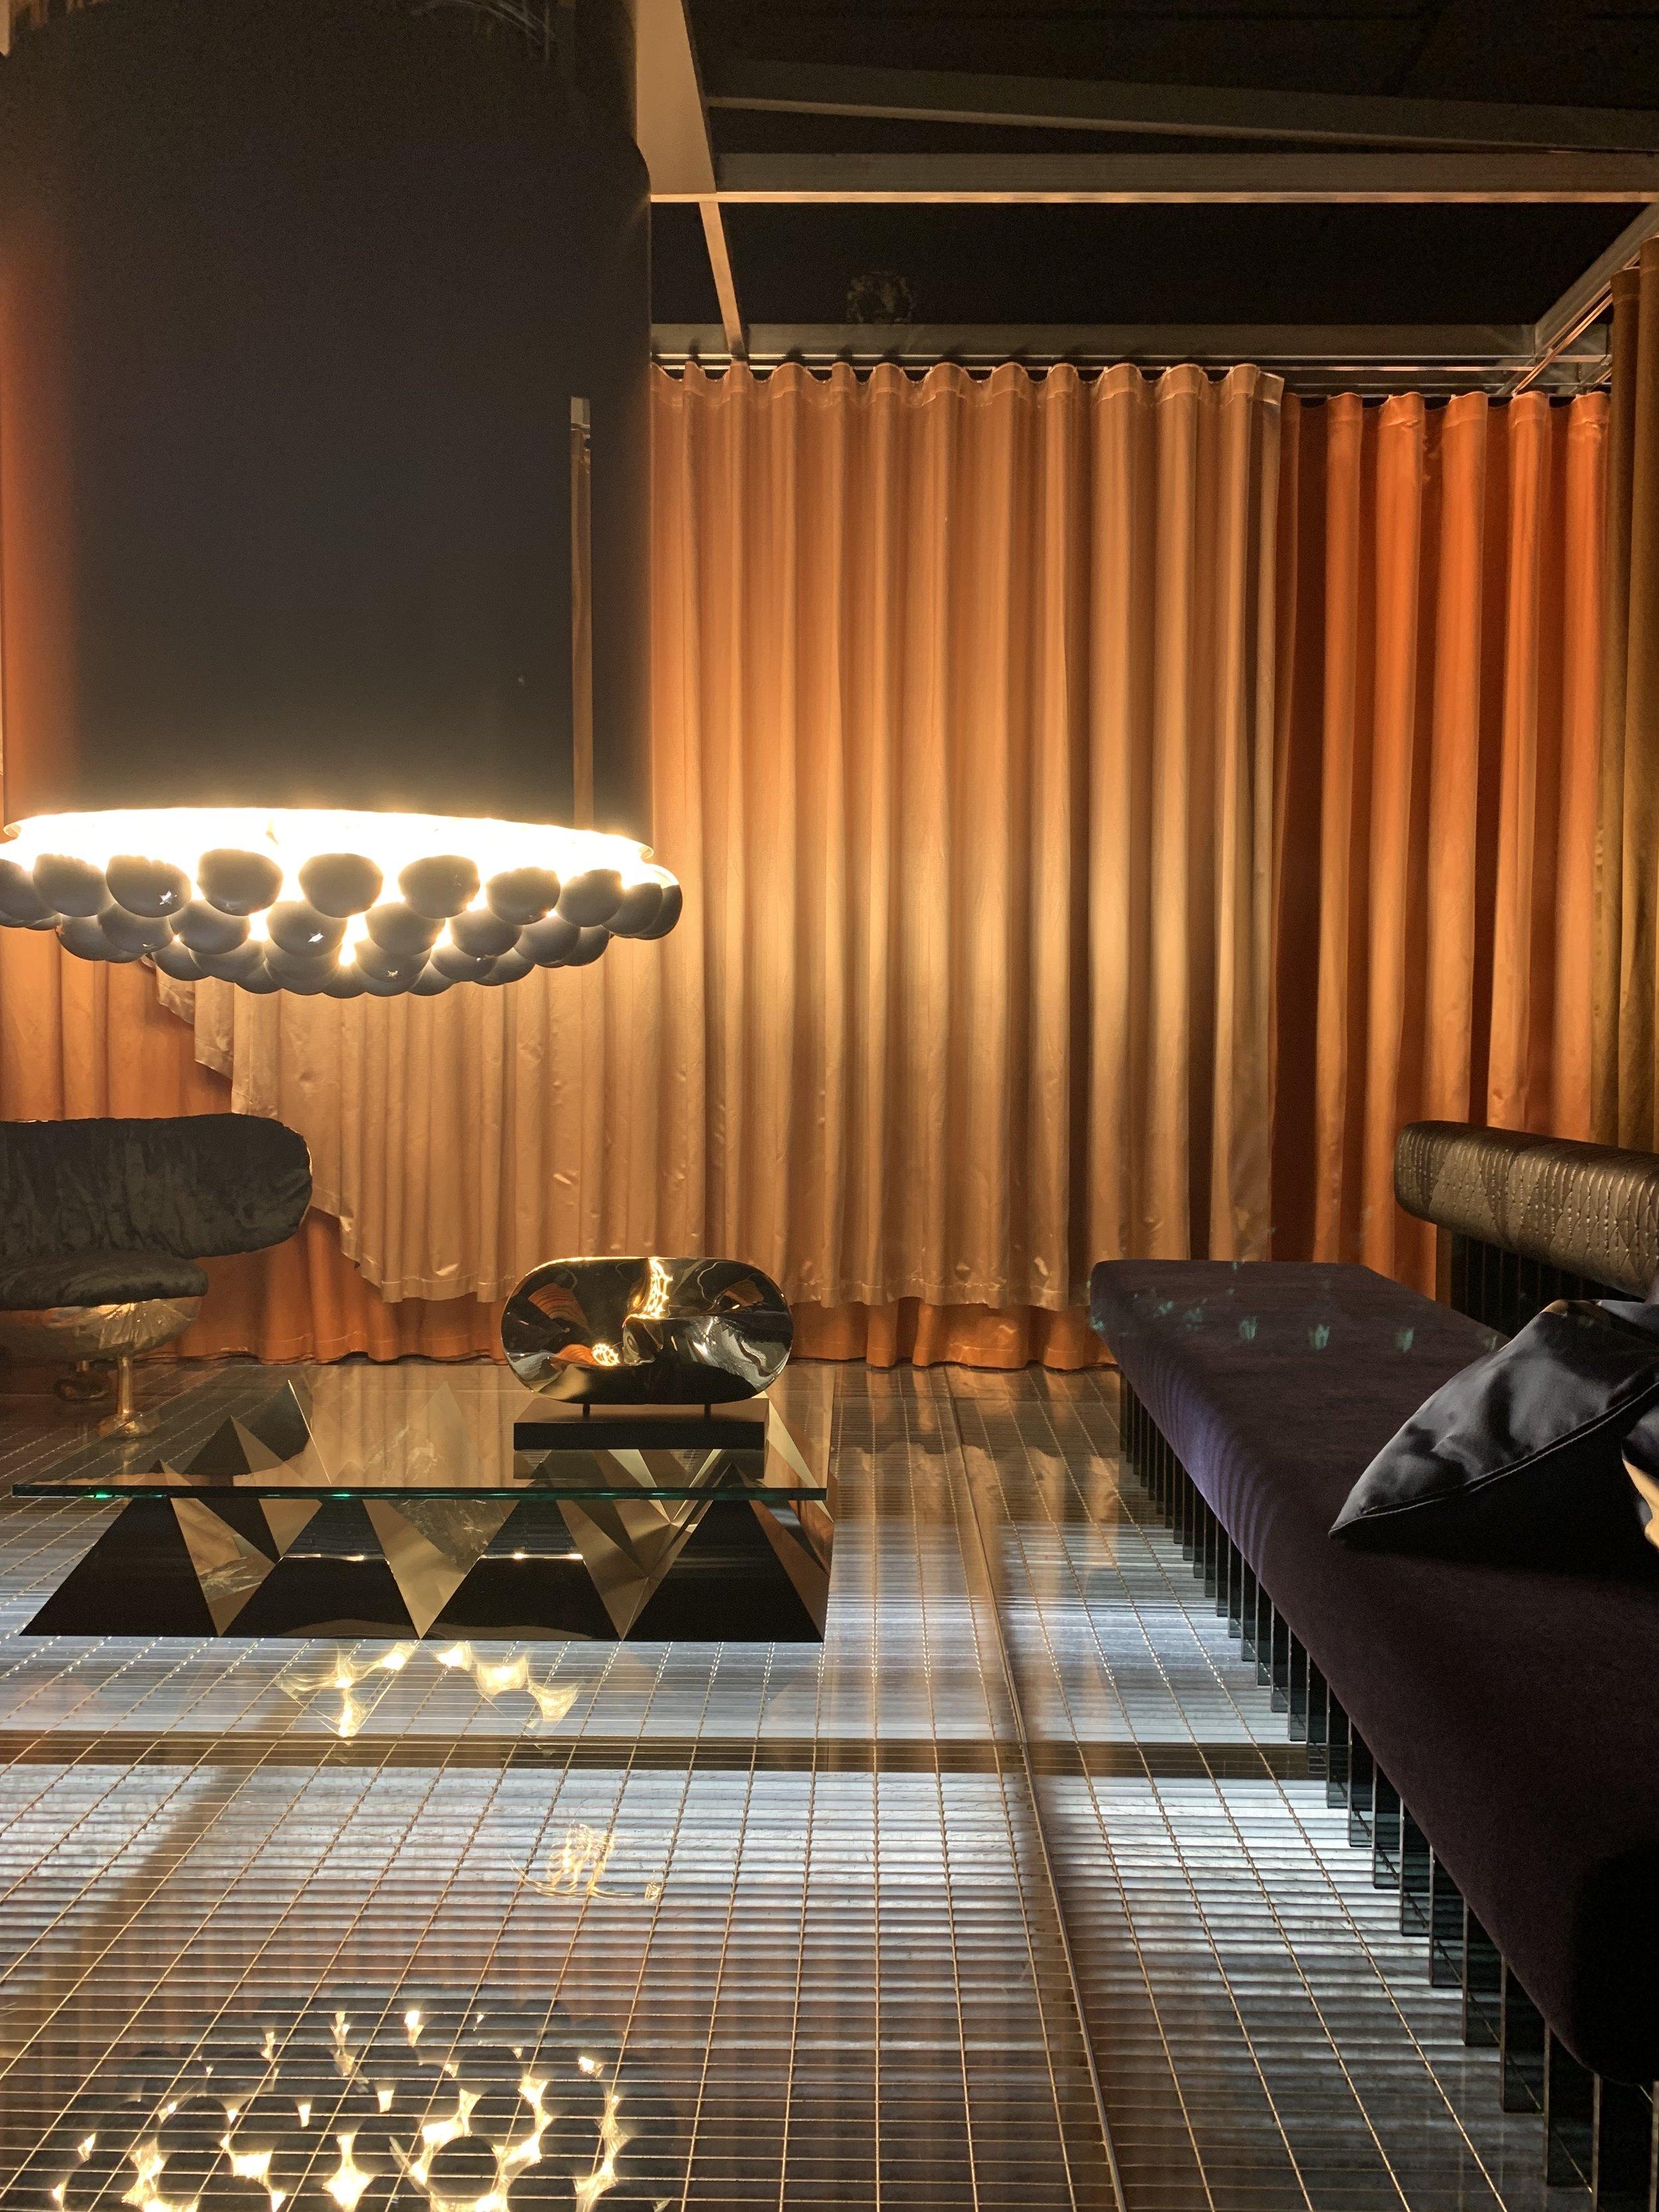 016 Salone del Mobile 2019 Lex de gooijer interiors rotterdam.jpg